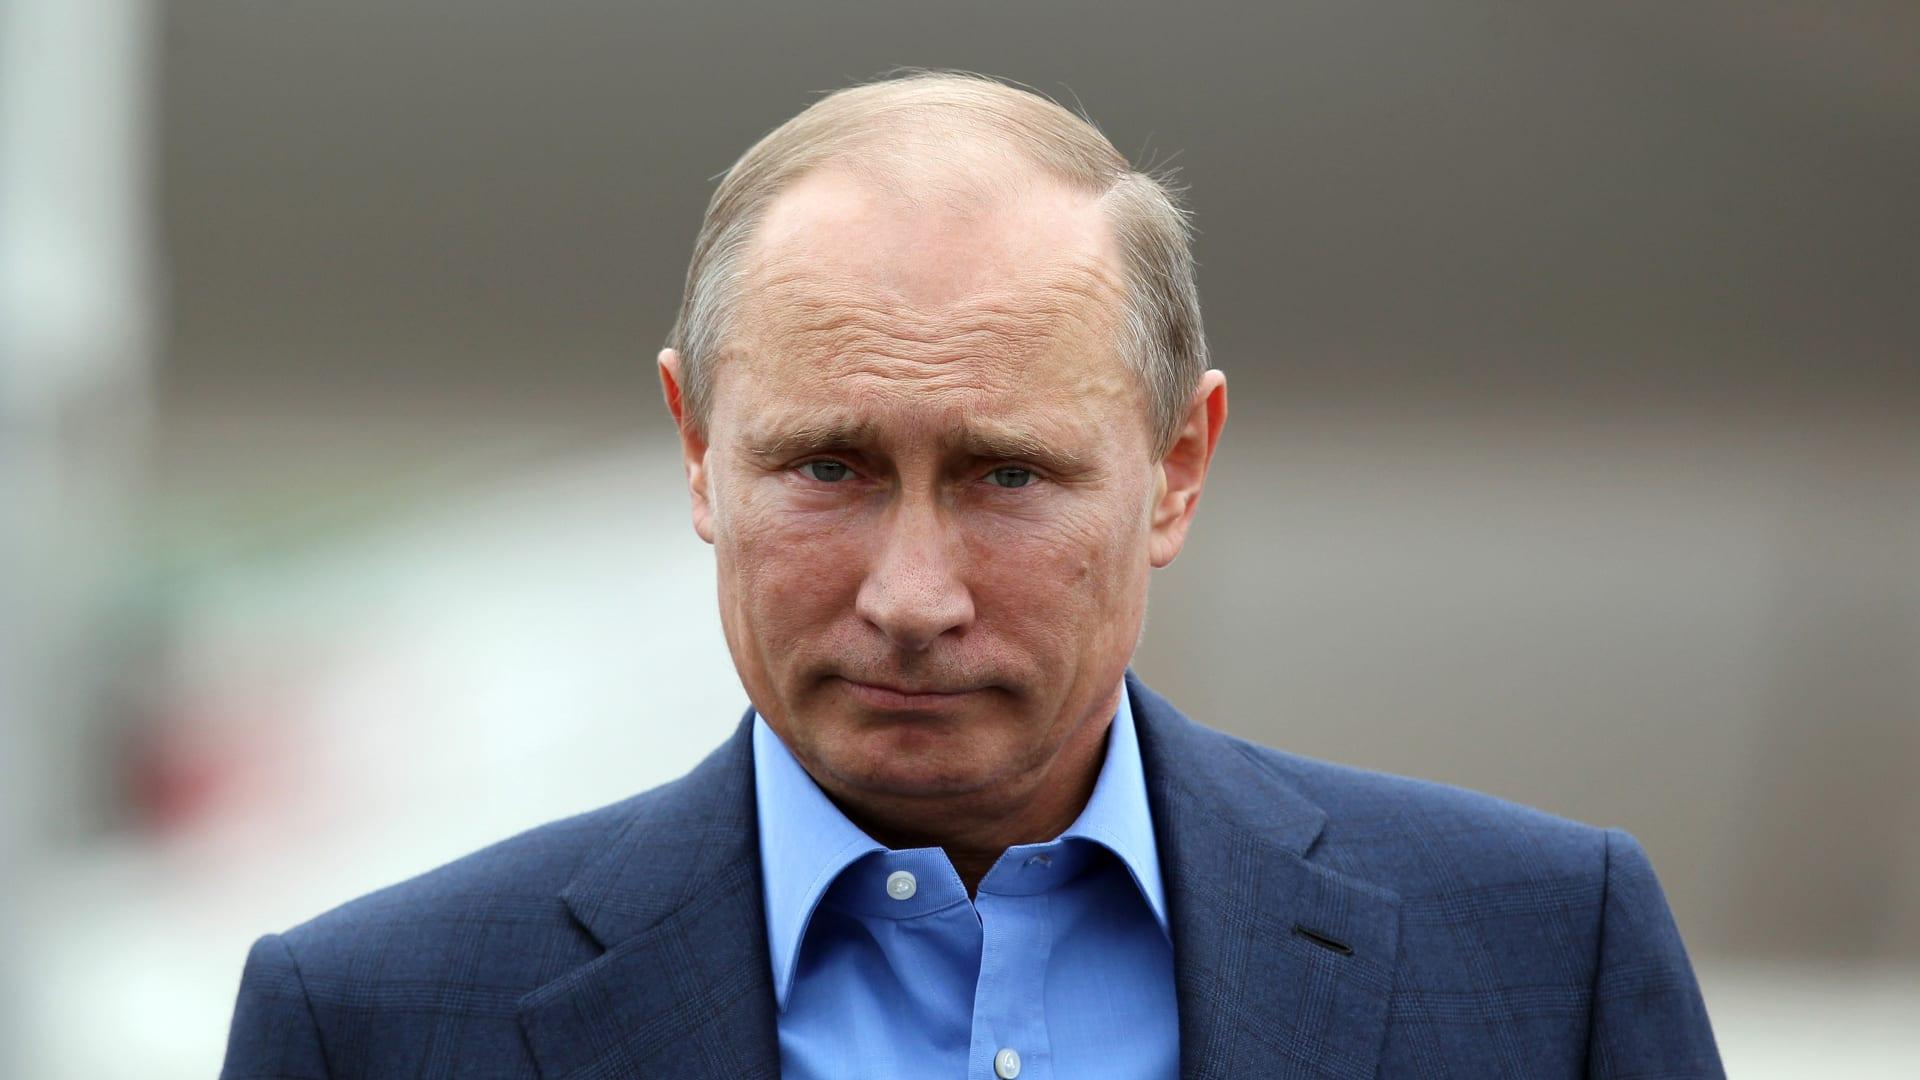 عن سبب اجتماع بوتين بالأسد رغم معرفته بضرورة عزل نفسه.. بيسكوف: لا شيء غير منطقي